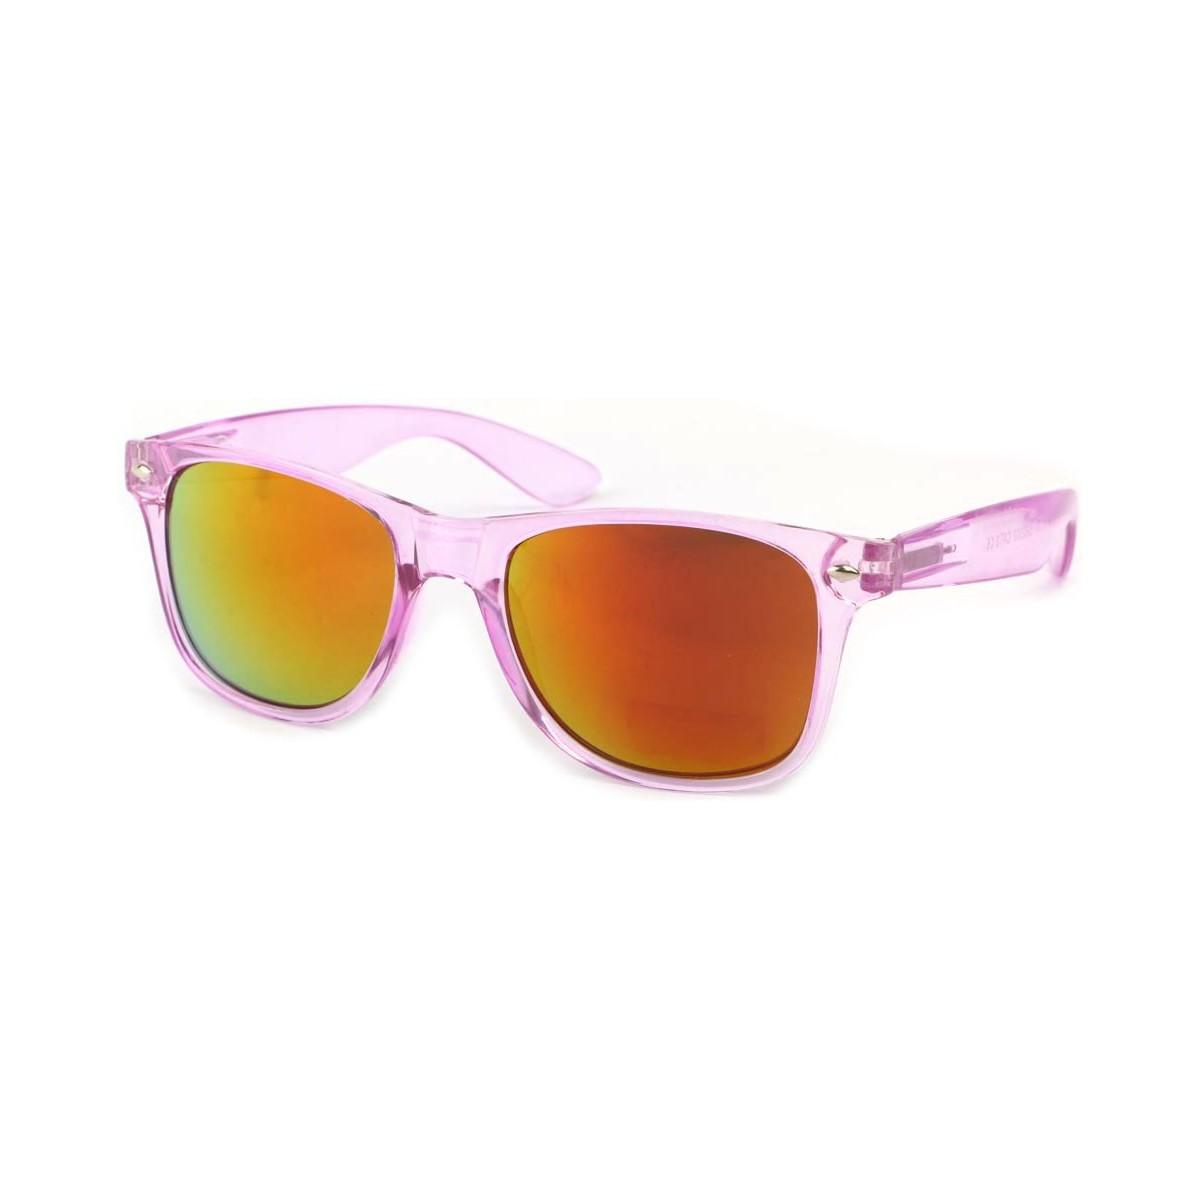 Eye Wear Lunettes Soleil Aero avec monture violette Rose